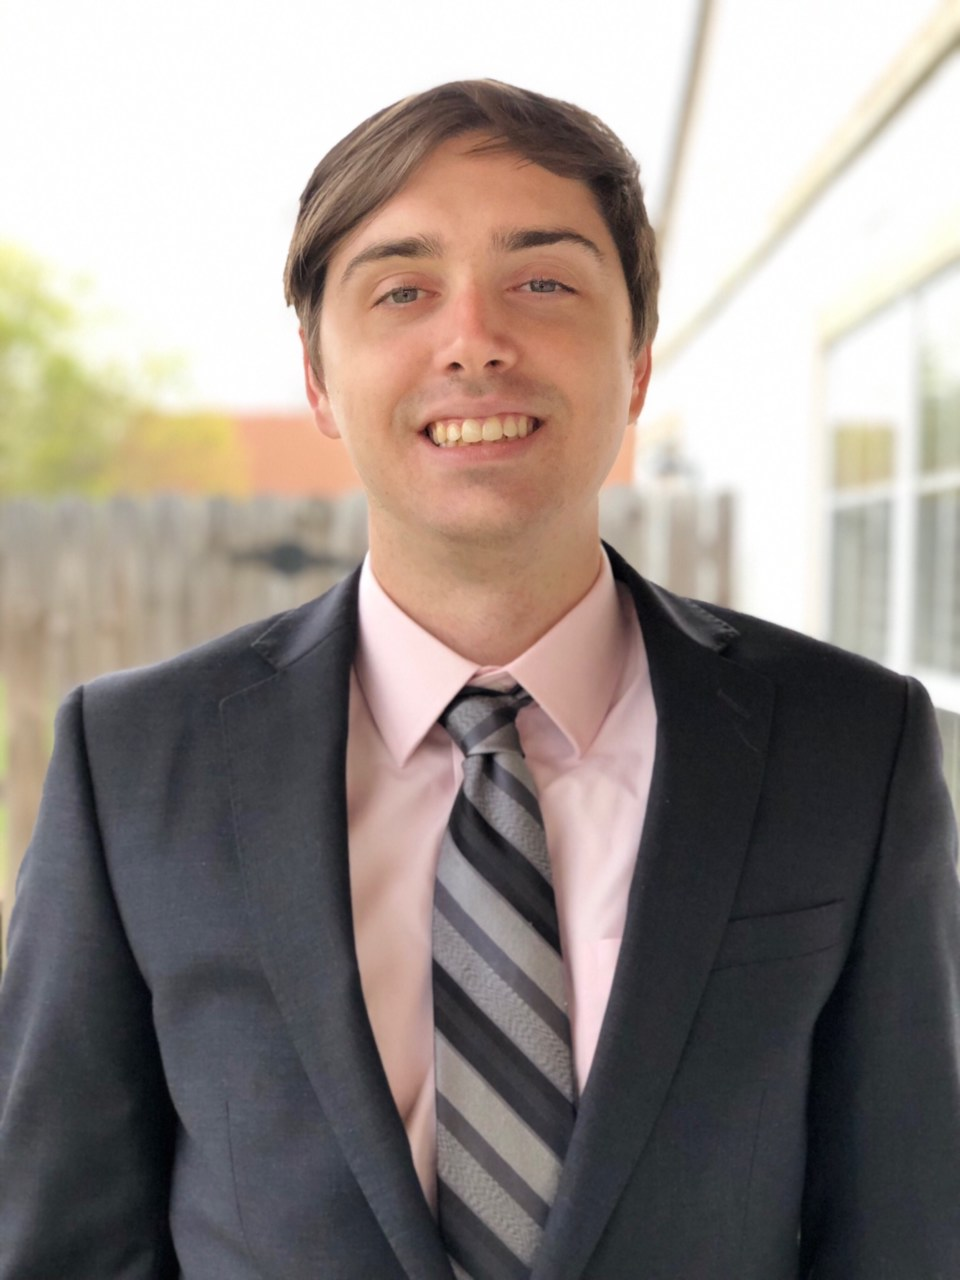 Attorney Benjamin Cox